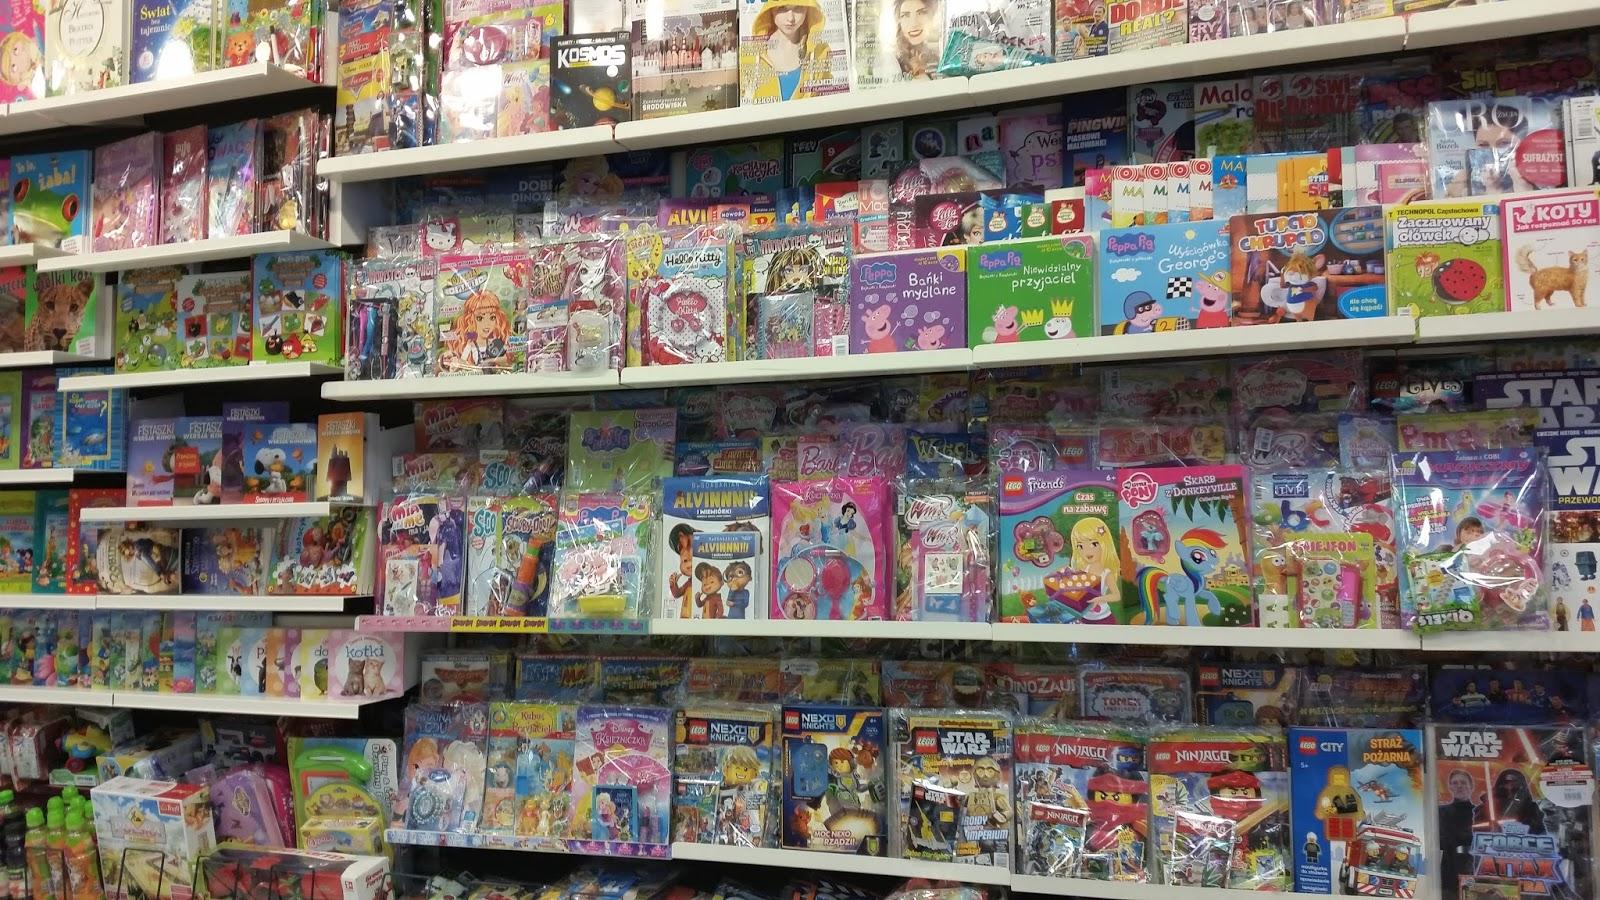 Sieci handlowe takie jak Smyk, ToysUrUs zadbają o uprzyjemnienie czasu dzieci. W sklepach pokroju Cocodrillo, Baby Akpol czy Baby Pol nabędziemy piękne, wygodne ubranka, wózki, smoczki, akcesoria do utrzymania niemowląt w czystości.